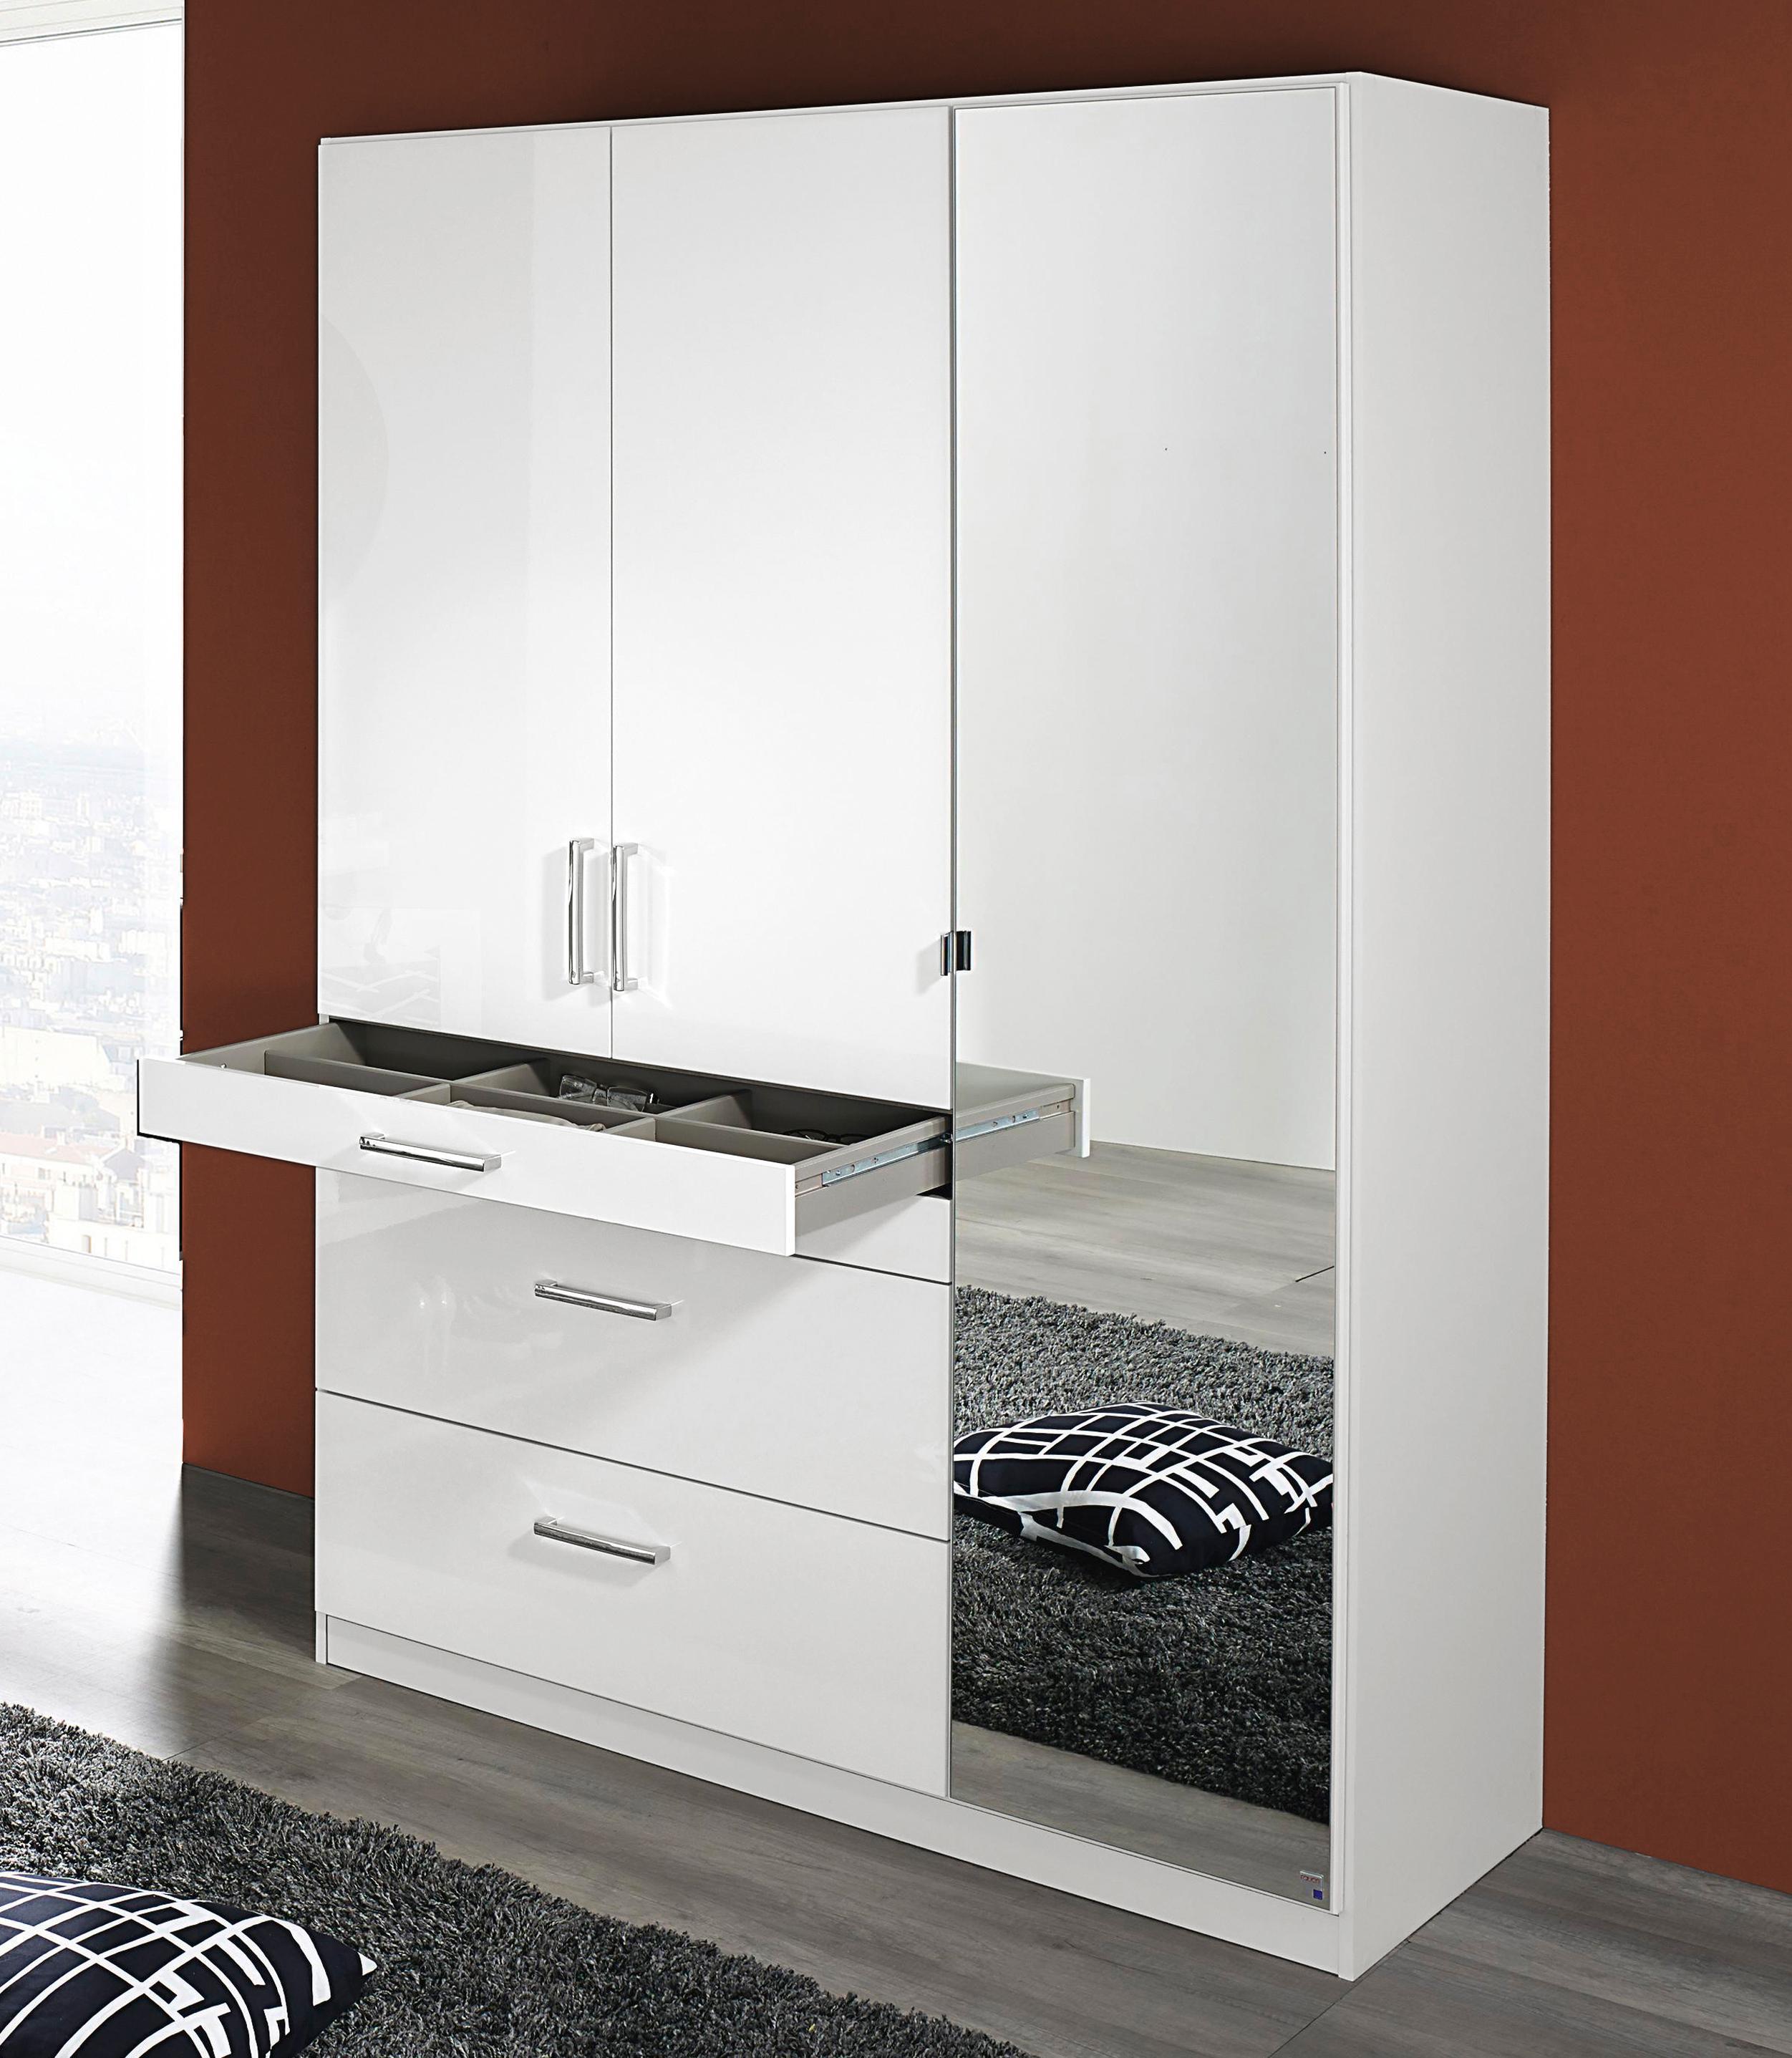 rauch pack s kleiderschrank homburg mit schubk sten. Black Bedroom Furniture Sets. Home Design Ideas